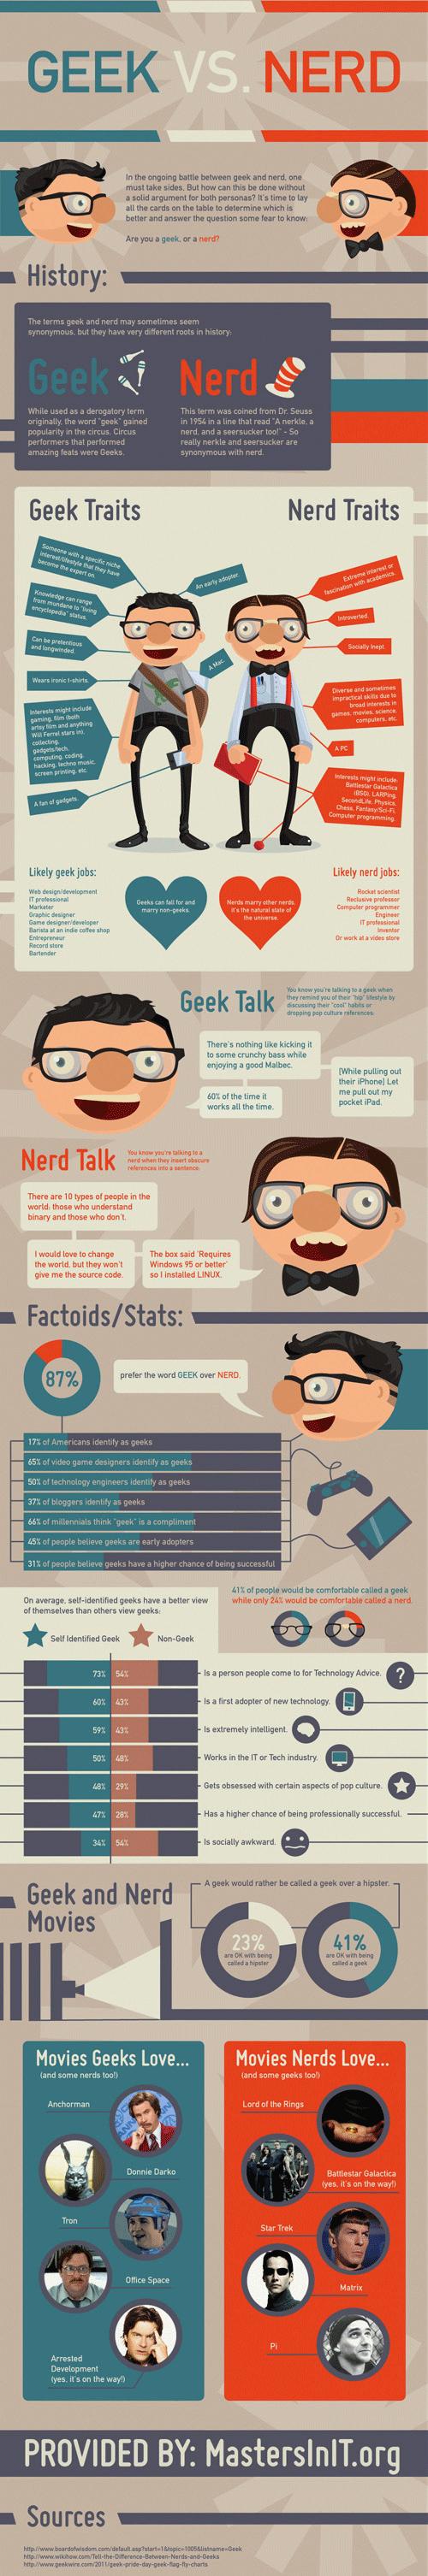 Geek-Vs-Nerd-infographic